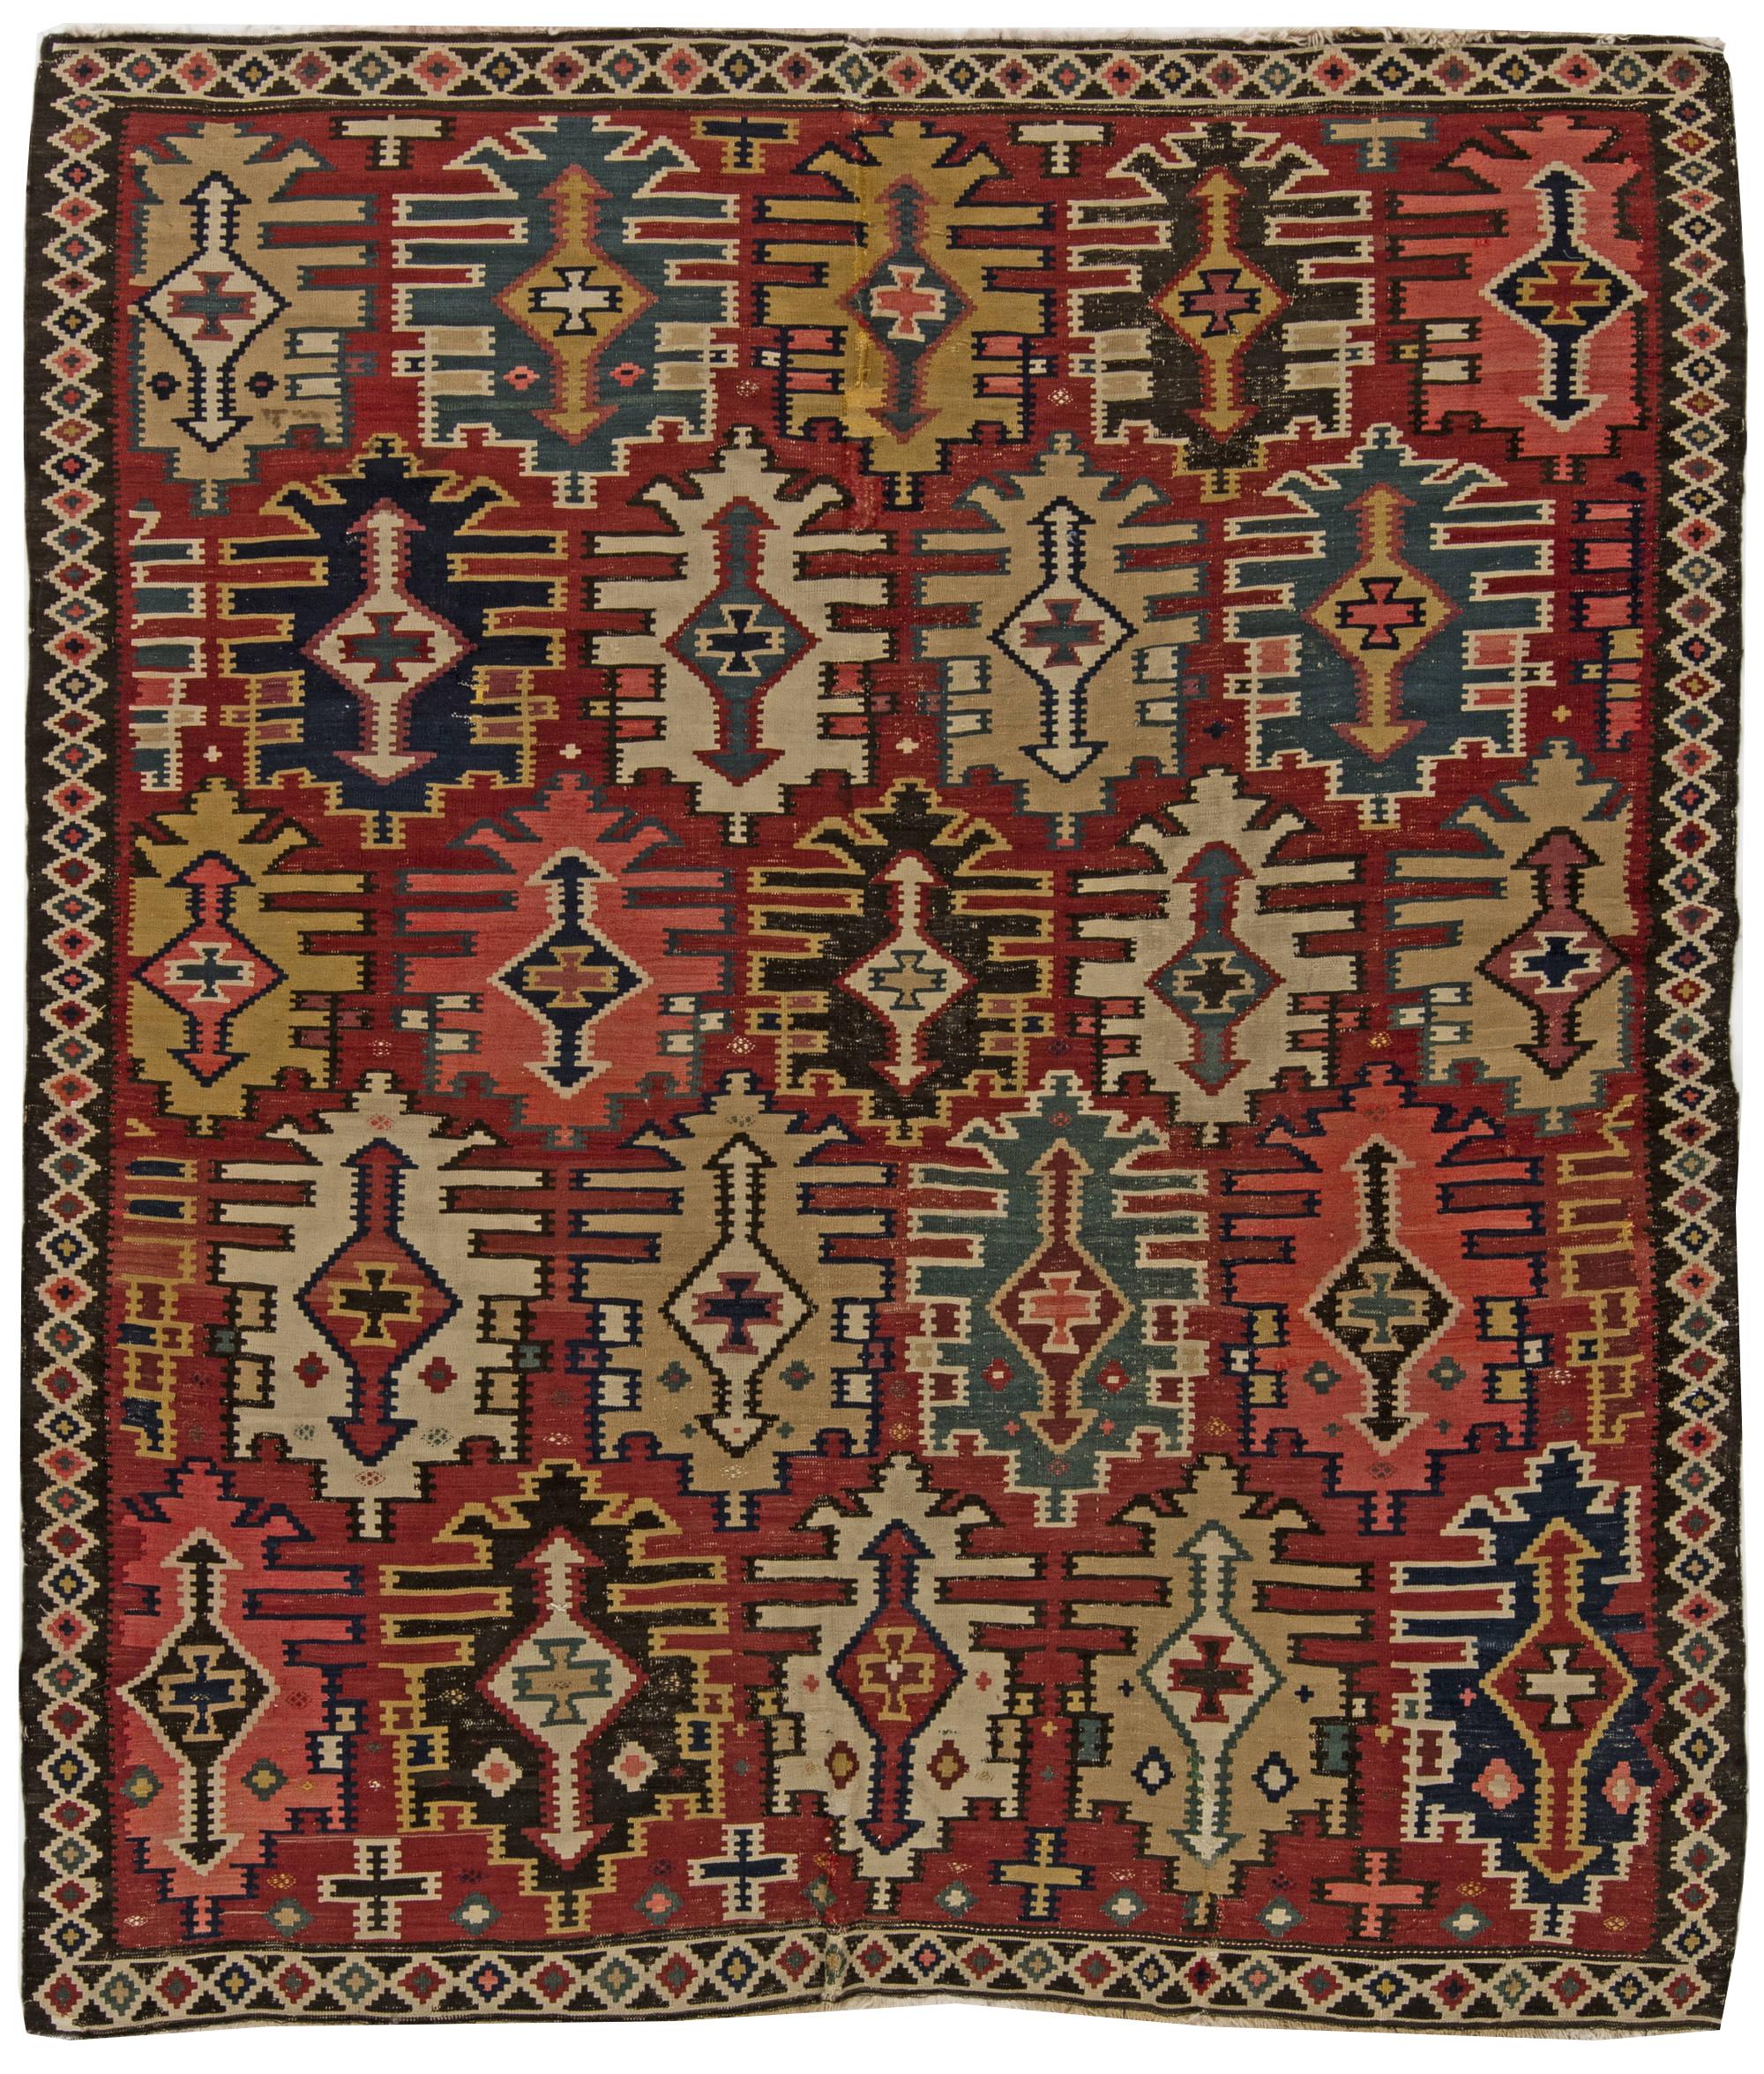 turkish rugs vintage turkish kilim rug bb6268. arrow down  47161db02bae4ef92bdede423862e8f0c2b91f81311572b5a8bb90eef3001a34 NRSBMCF